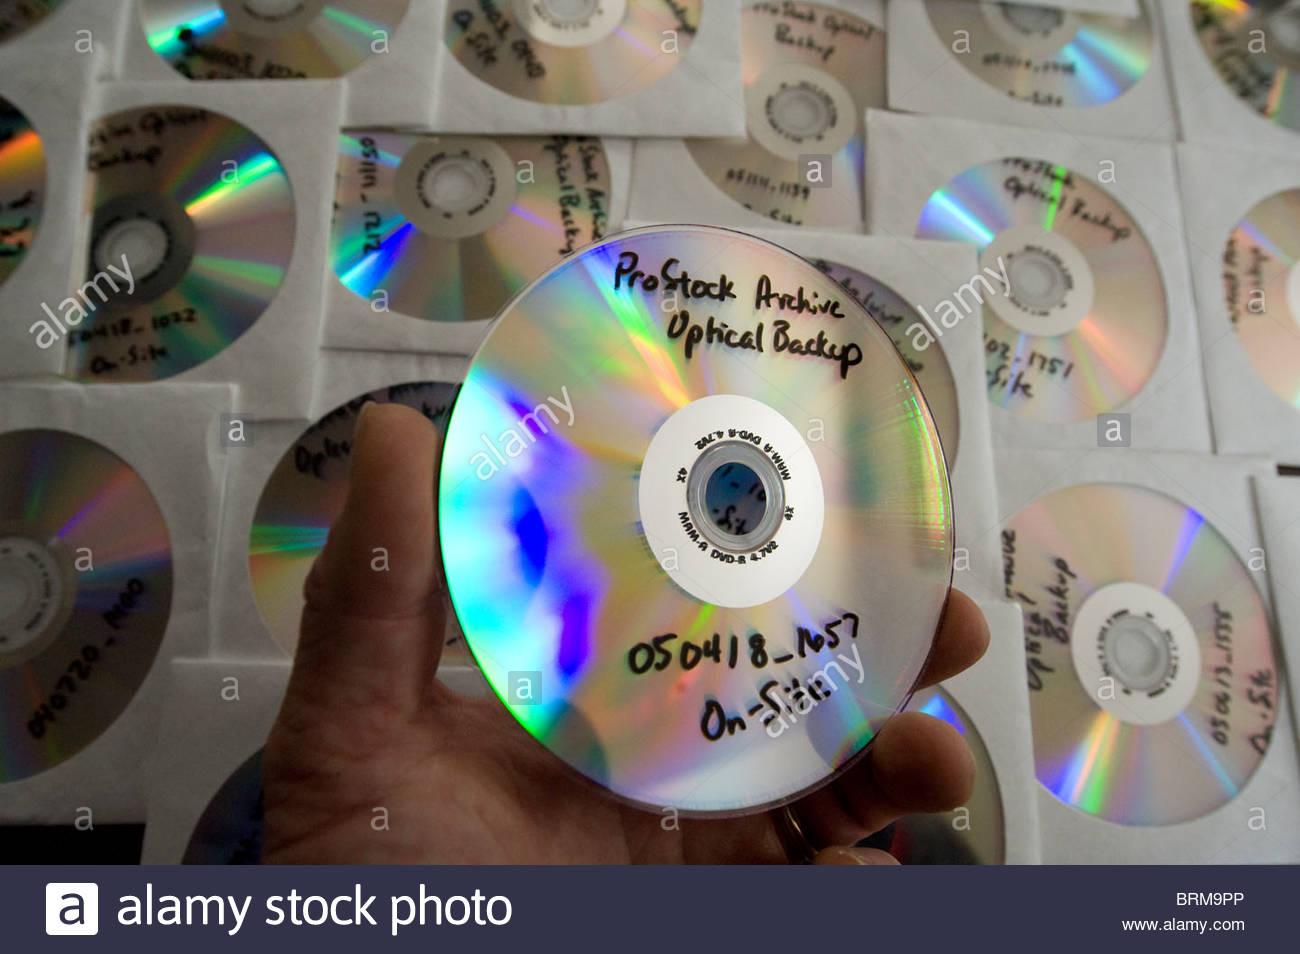 Dvd utilizzata per archiviare le foto. Immagini Stock